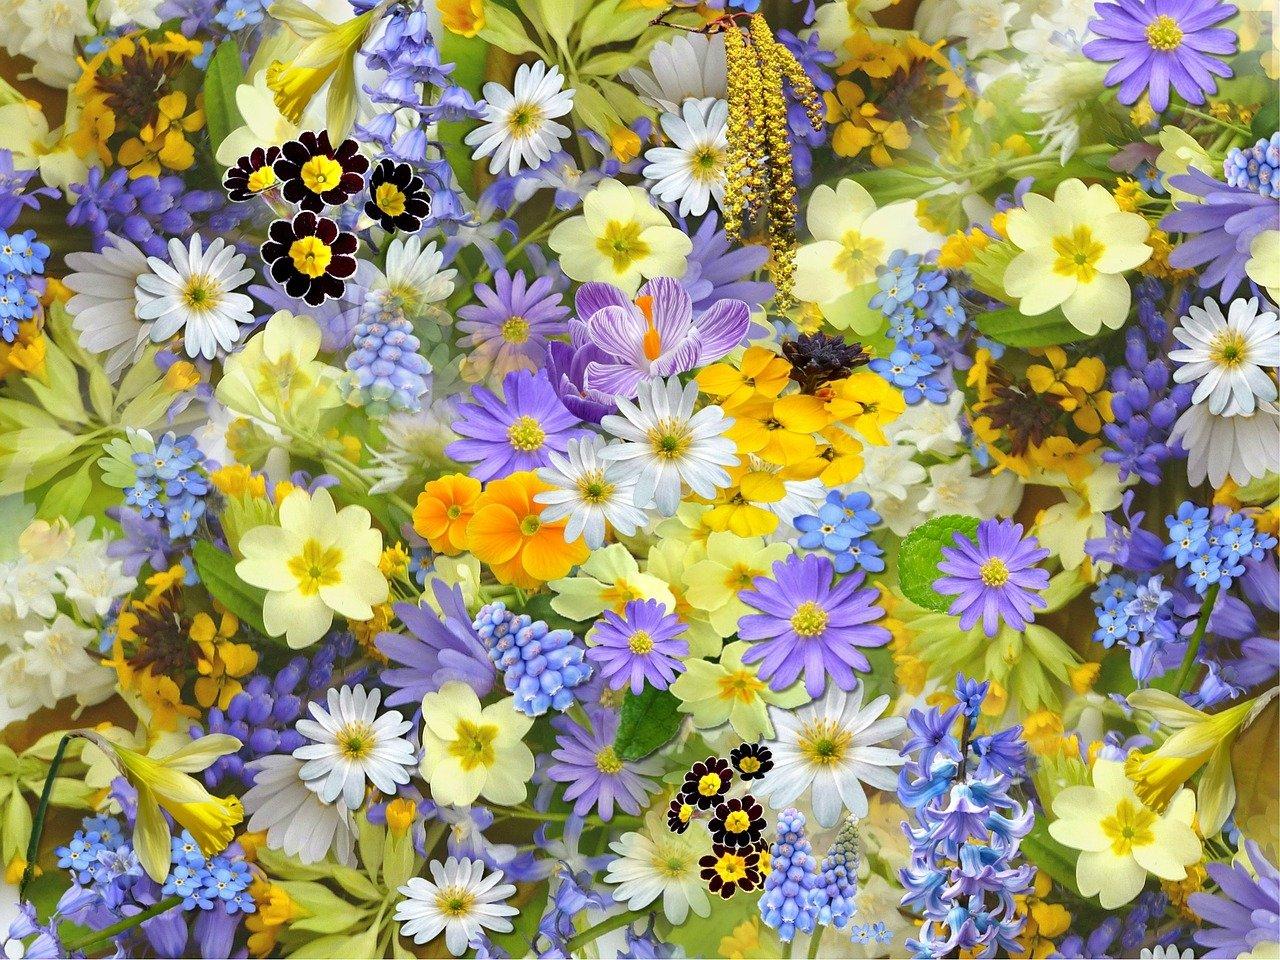 Wiosenny czarodziej, wierszyk na powitanie wiosny